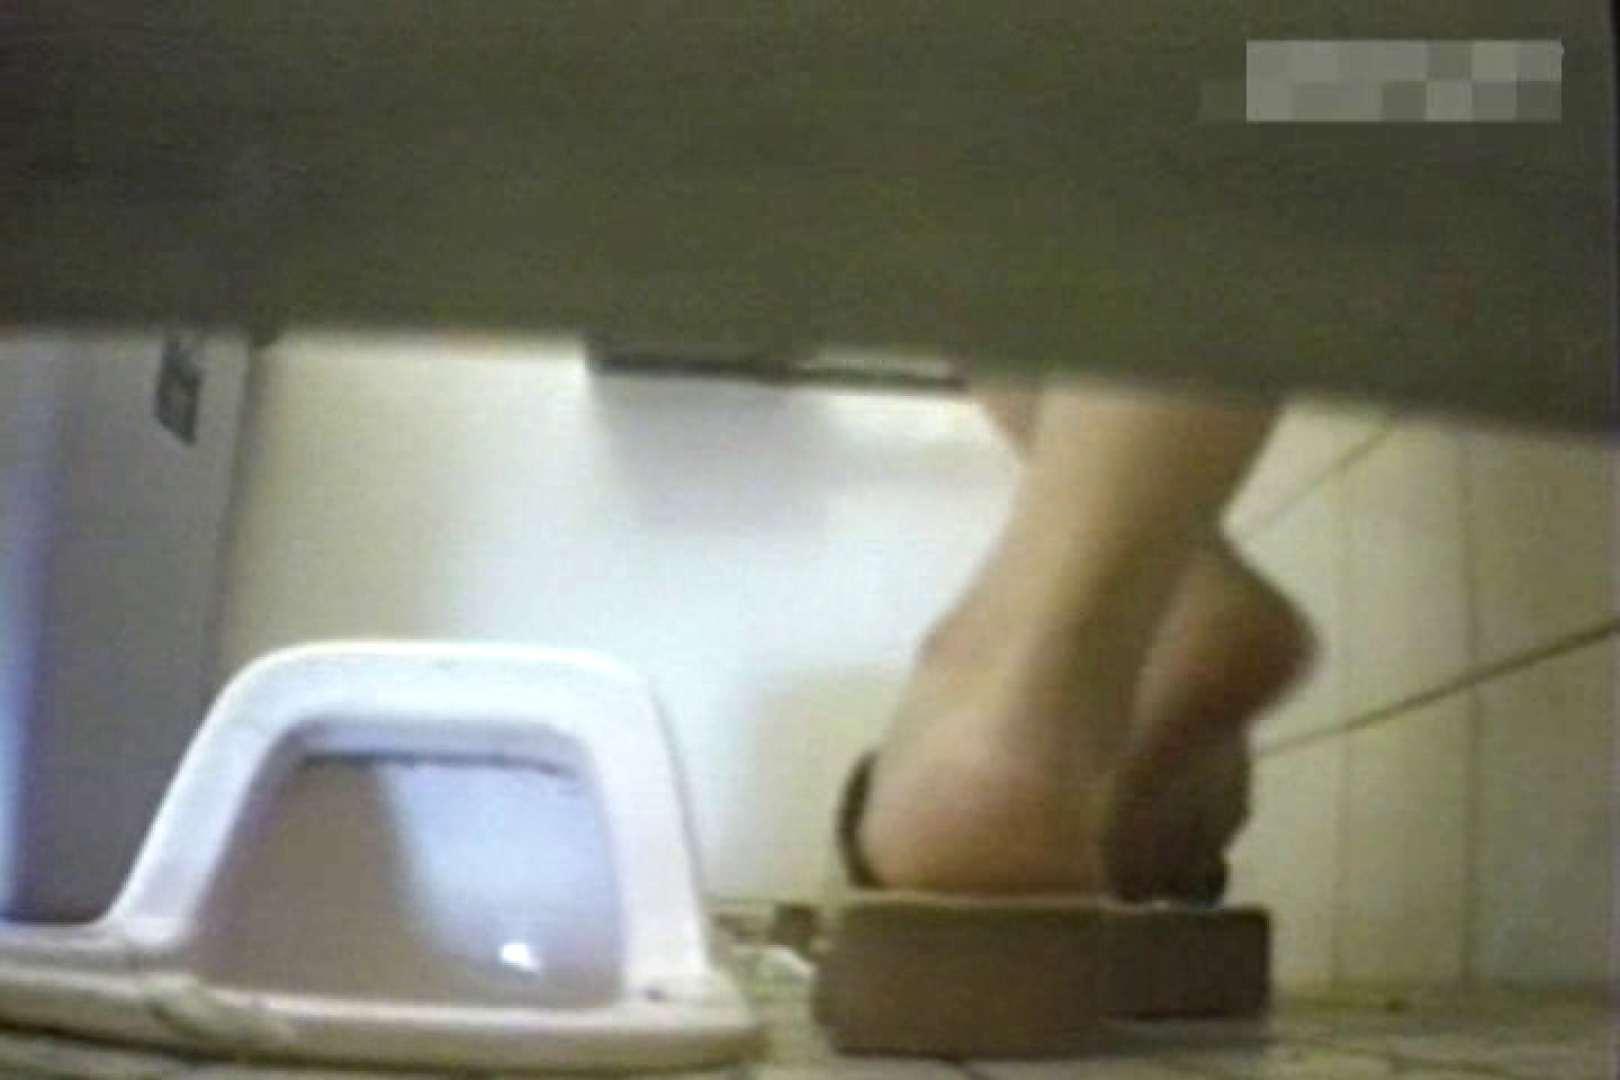 個室狂いのマニア映像Vol.2 エロティックなOL AV動画キャプチャ 105画像 87